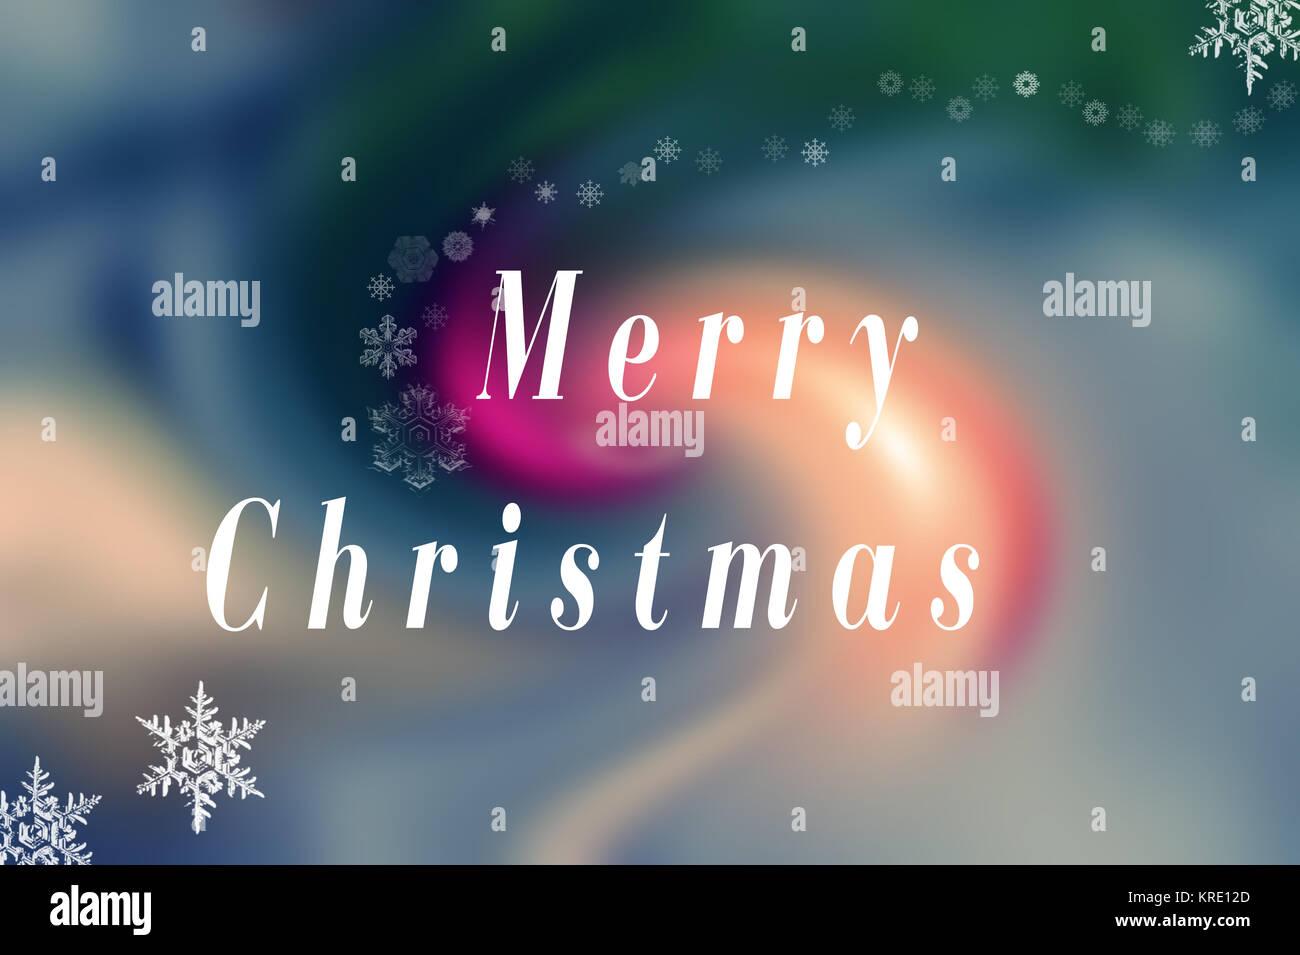 Frohe Weihnachten Text Karte.Frohe Weihnachten Karte Text Frohe Weihnachten Hintergrund